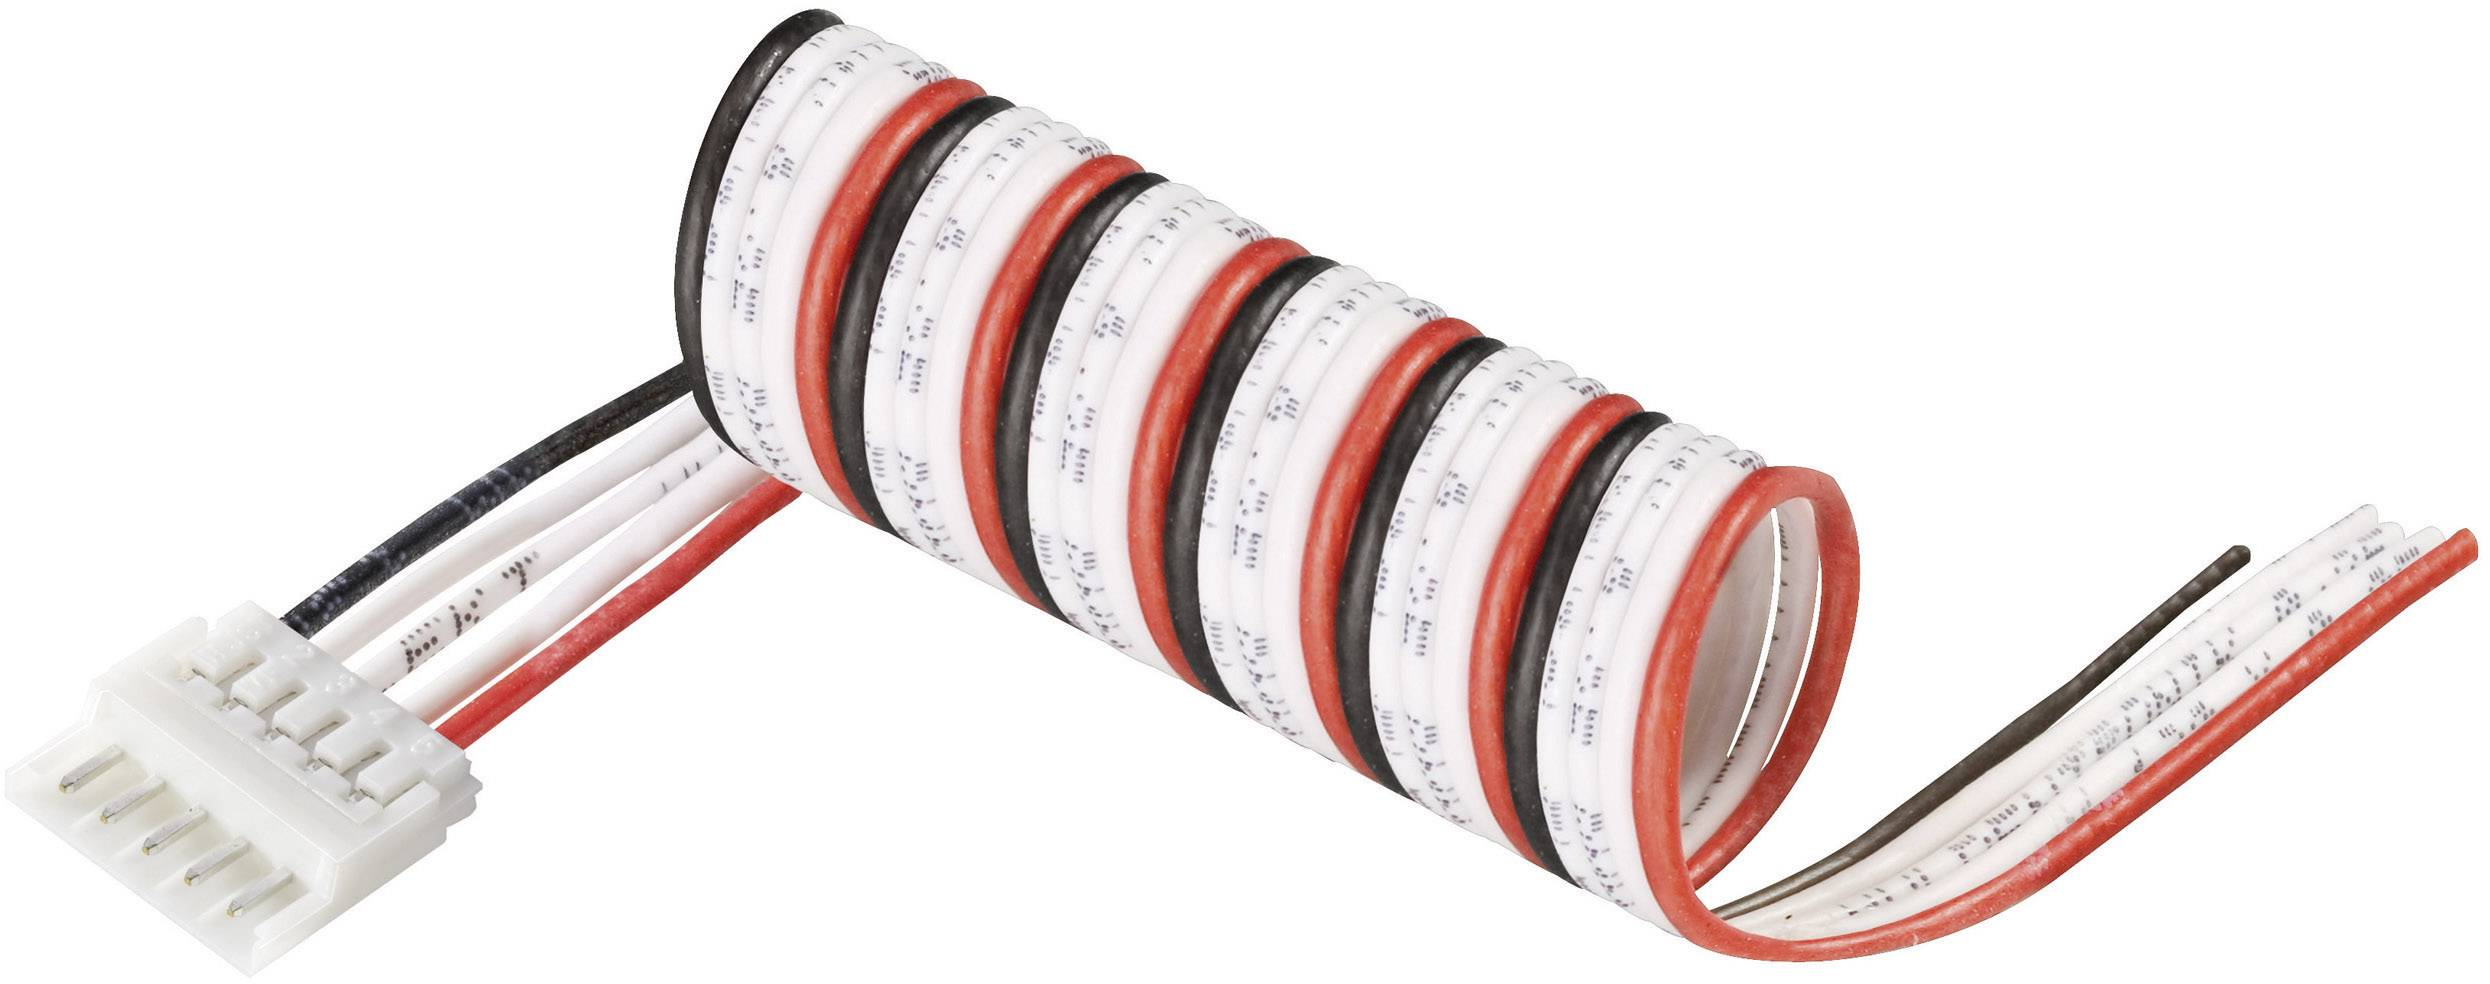 Připojovací kabel Modelcraft, pro 4 LiPol články, zástrčka EH